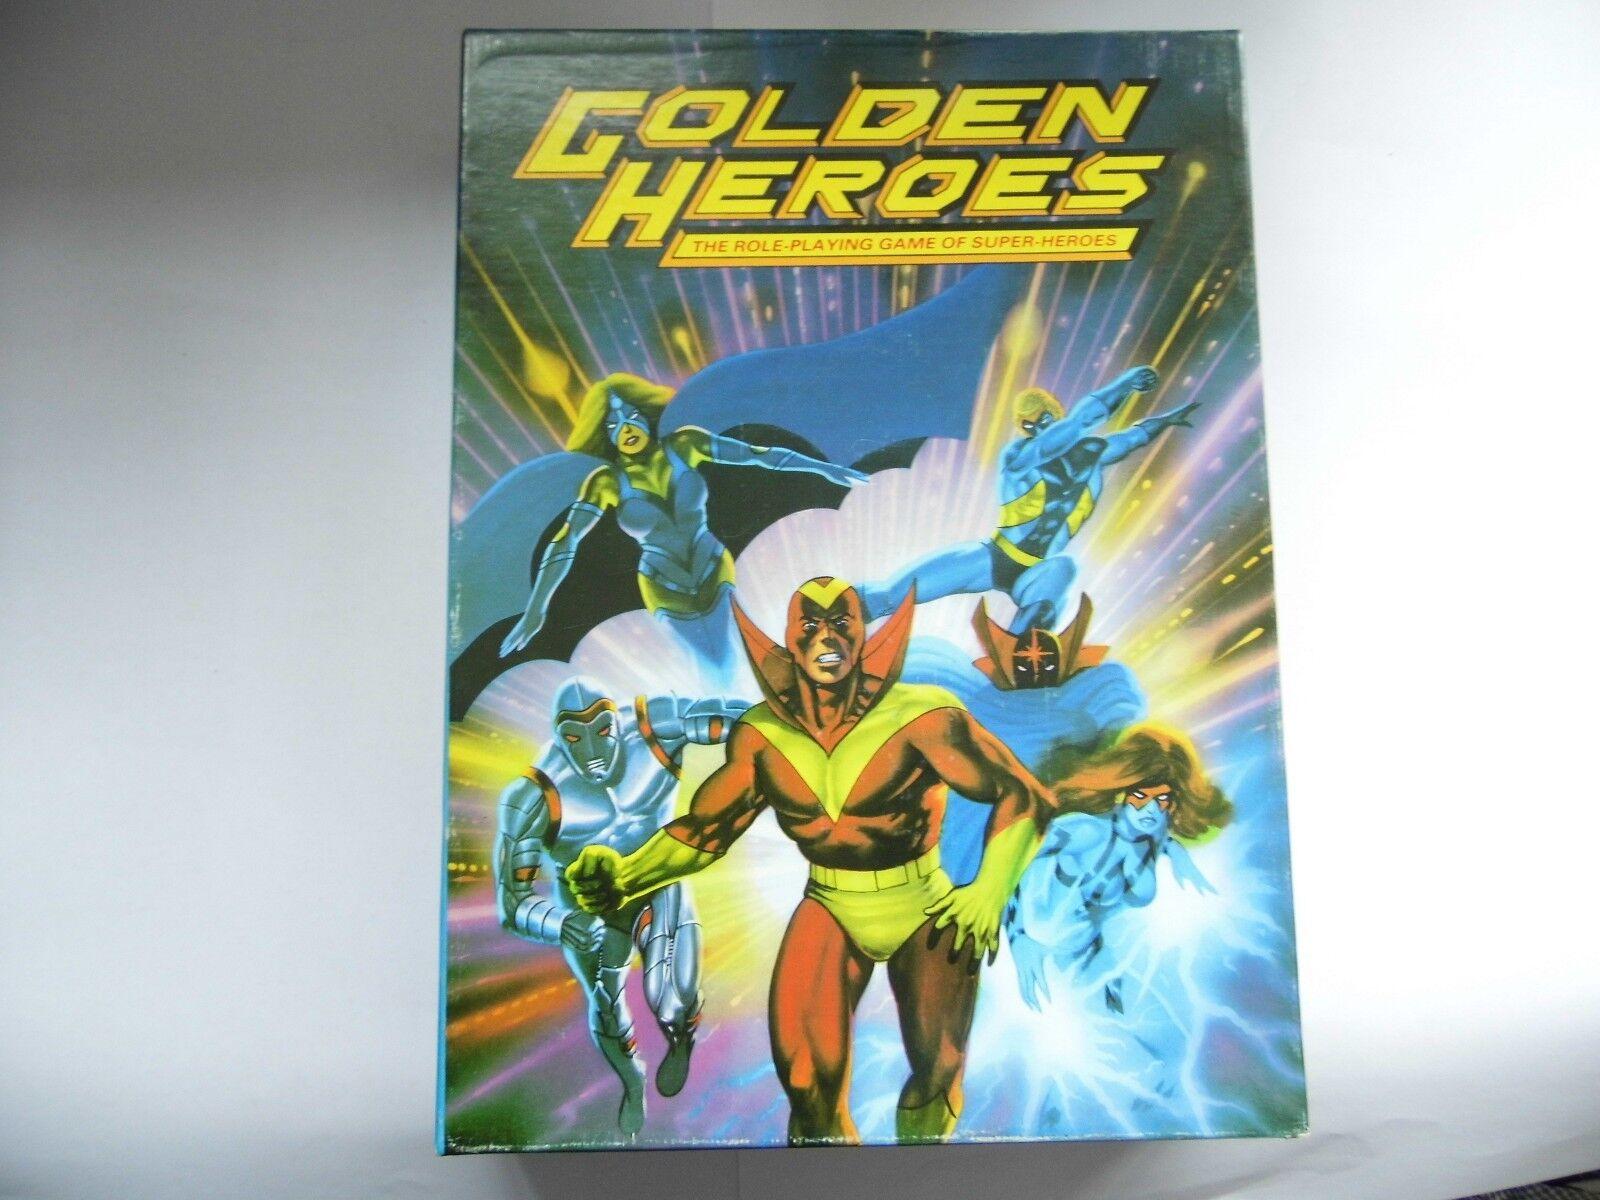 Doré Heroes RPG - Neuf- Games Workshop - Joe  Muselière grandur Collection  commander maintenant les prix les plus bas